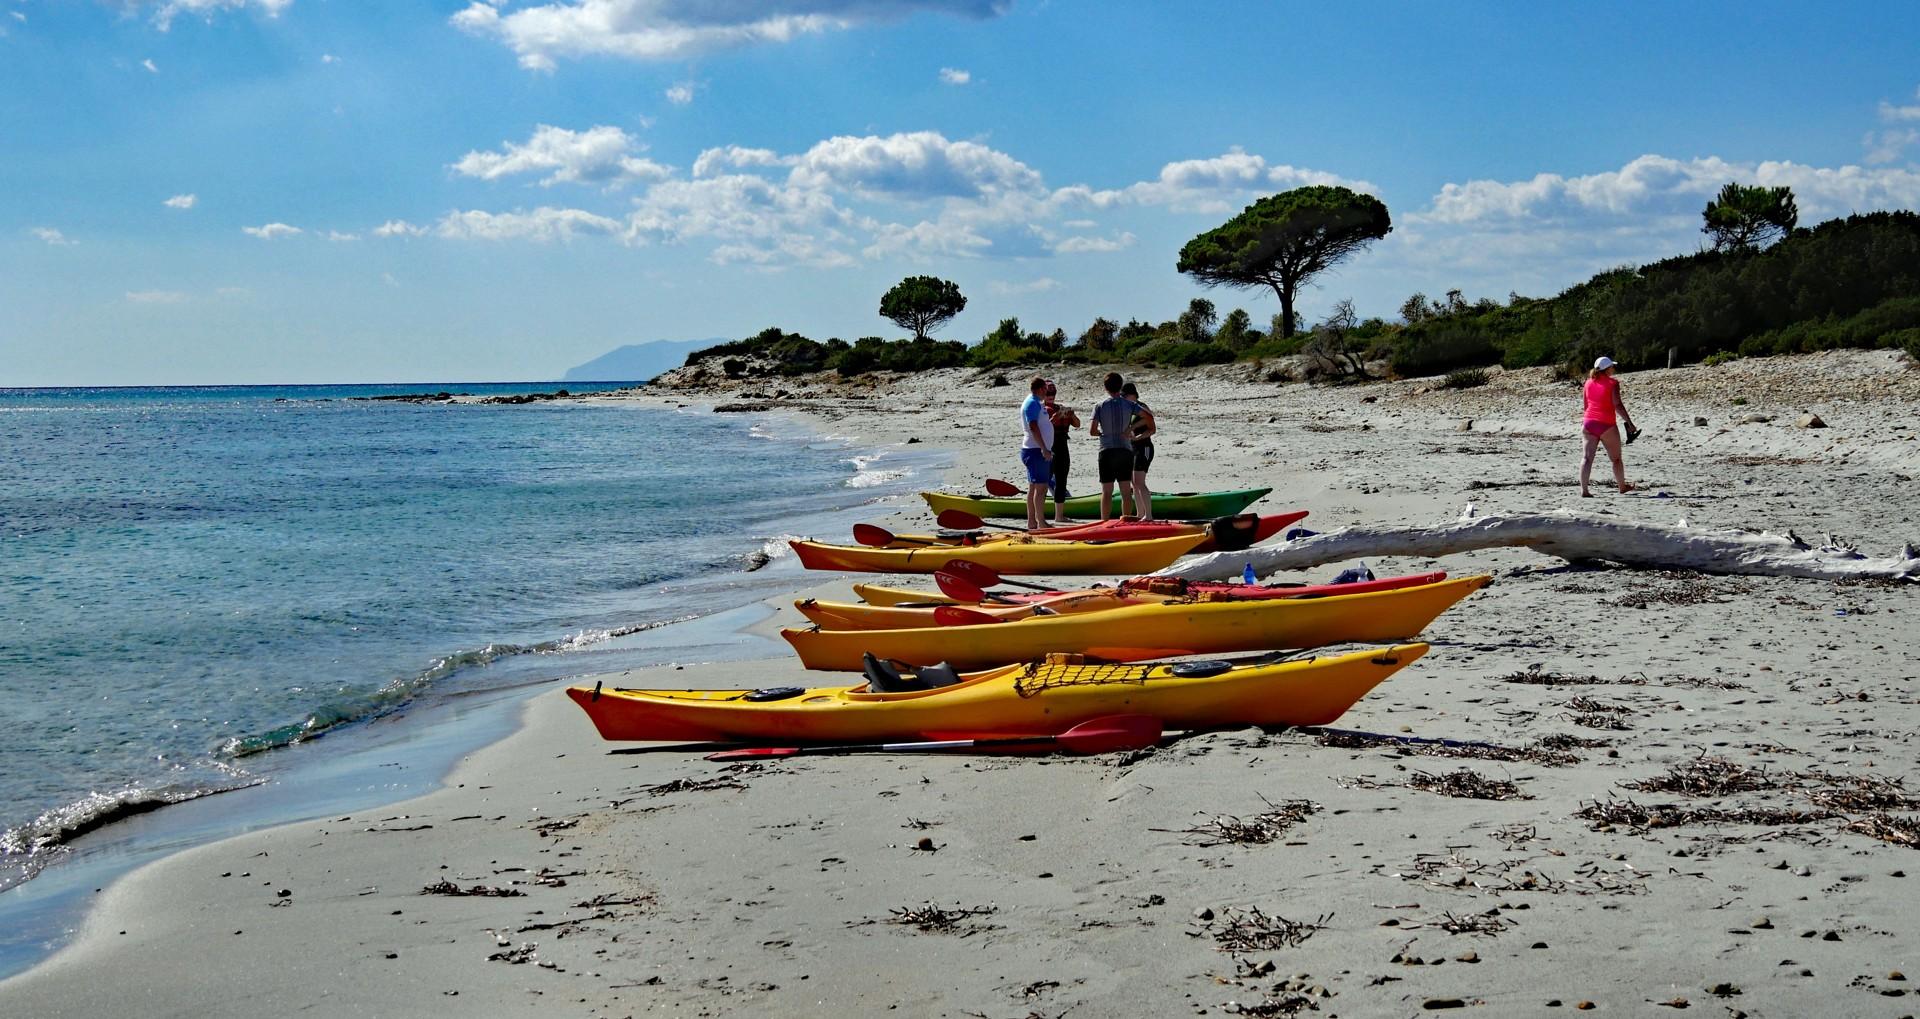 Spiaggia di Berchida - kayakers taking a rest.jpg - Sardinia - Wilderness Blue Sea Kayaking - Kayaking